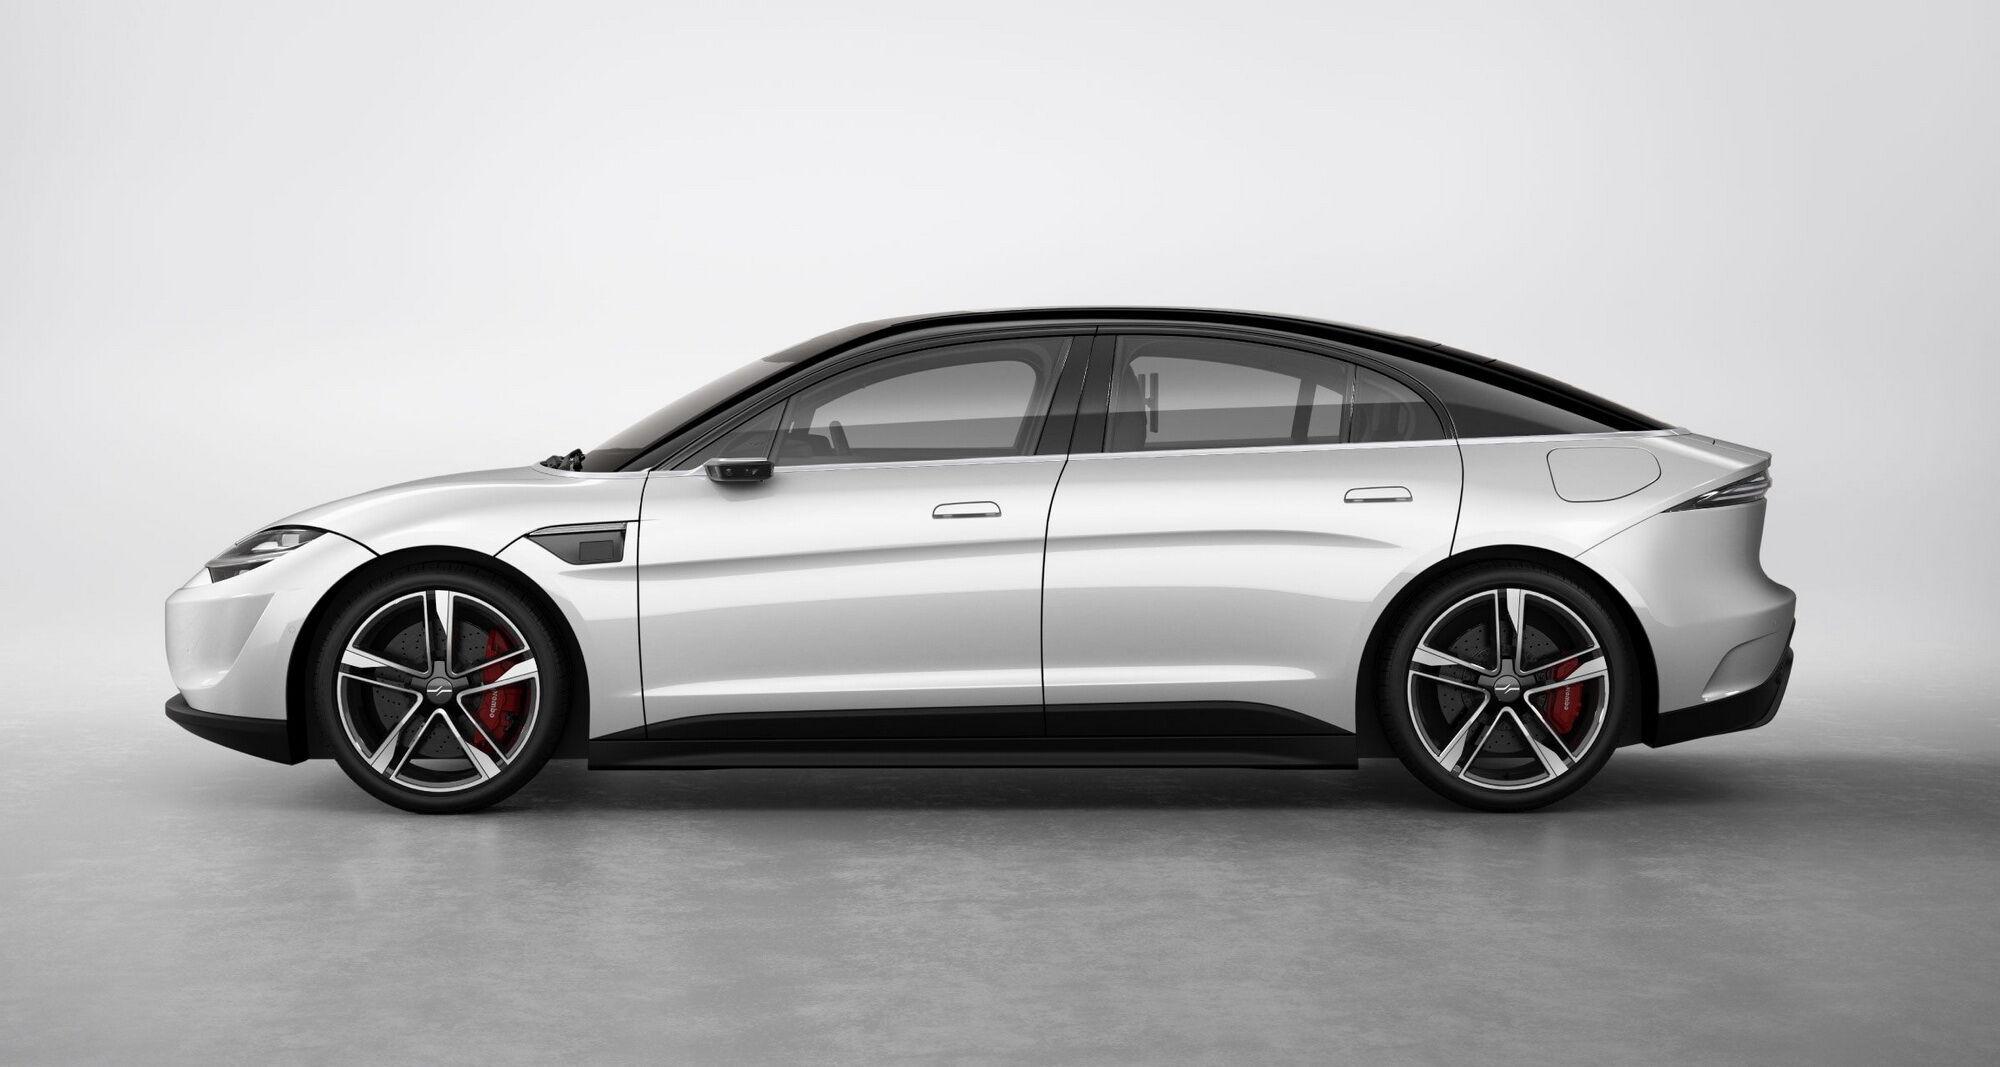 Зовнішній вигляд автомобіля виконаний у дусі биодизайна